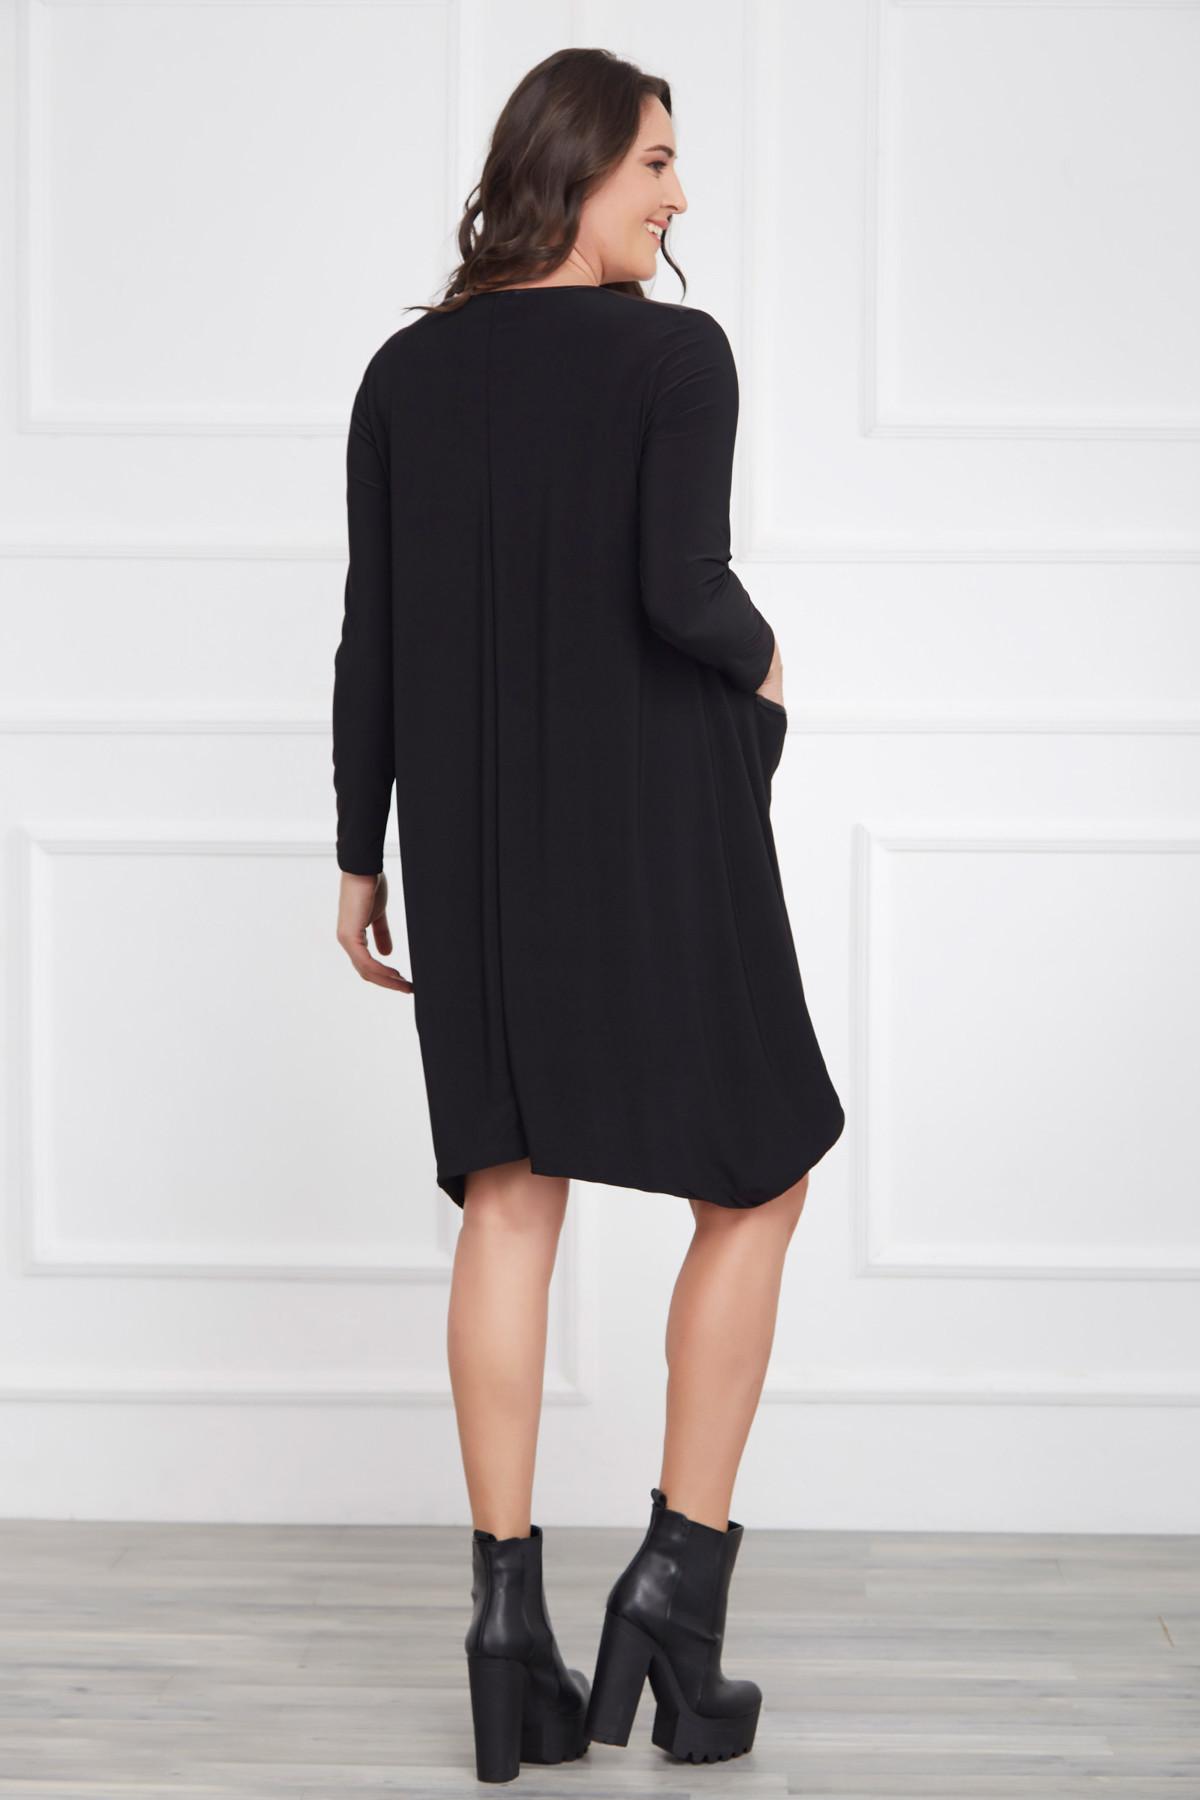 Laranor Kadın Siyah Deri Detaylı Asimetrik Kesim Elbise 17LB9023 2